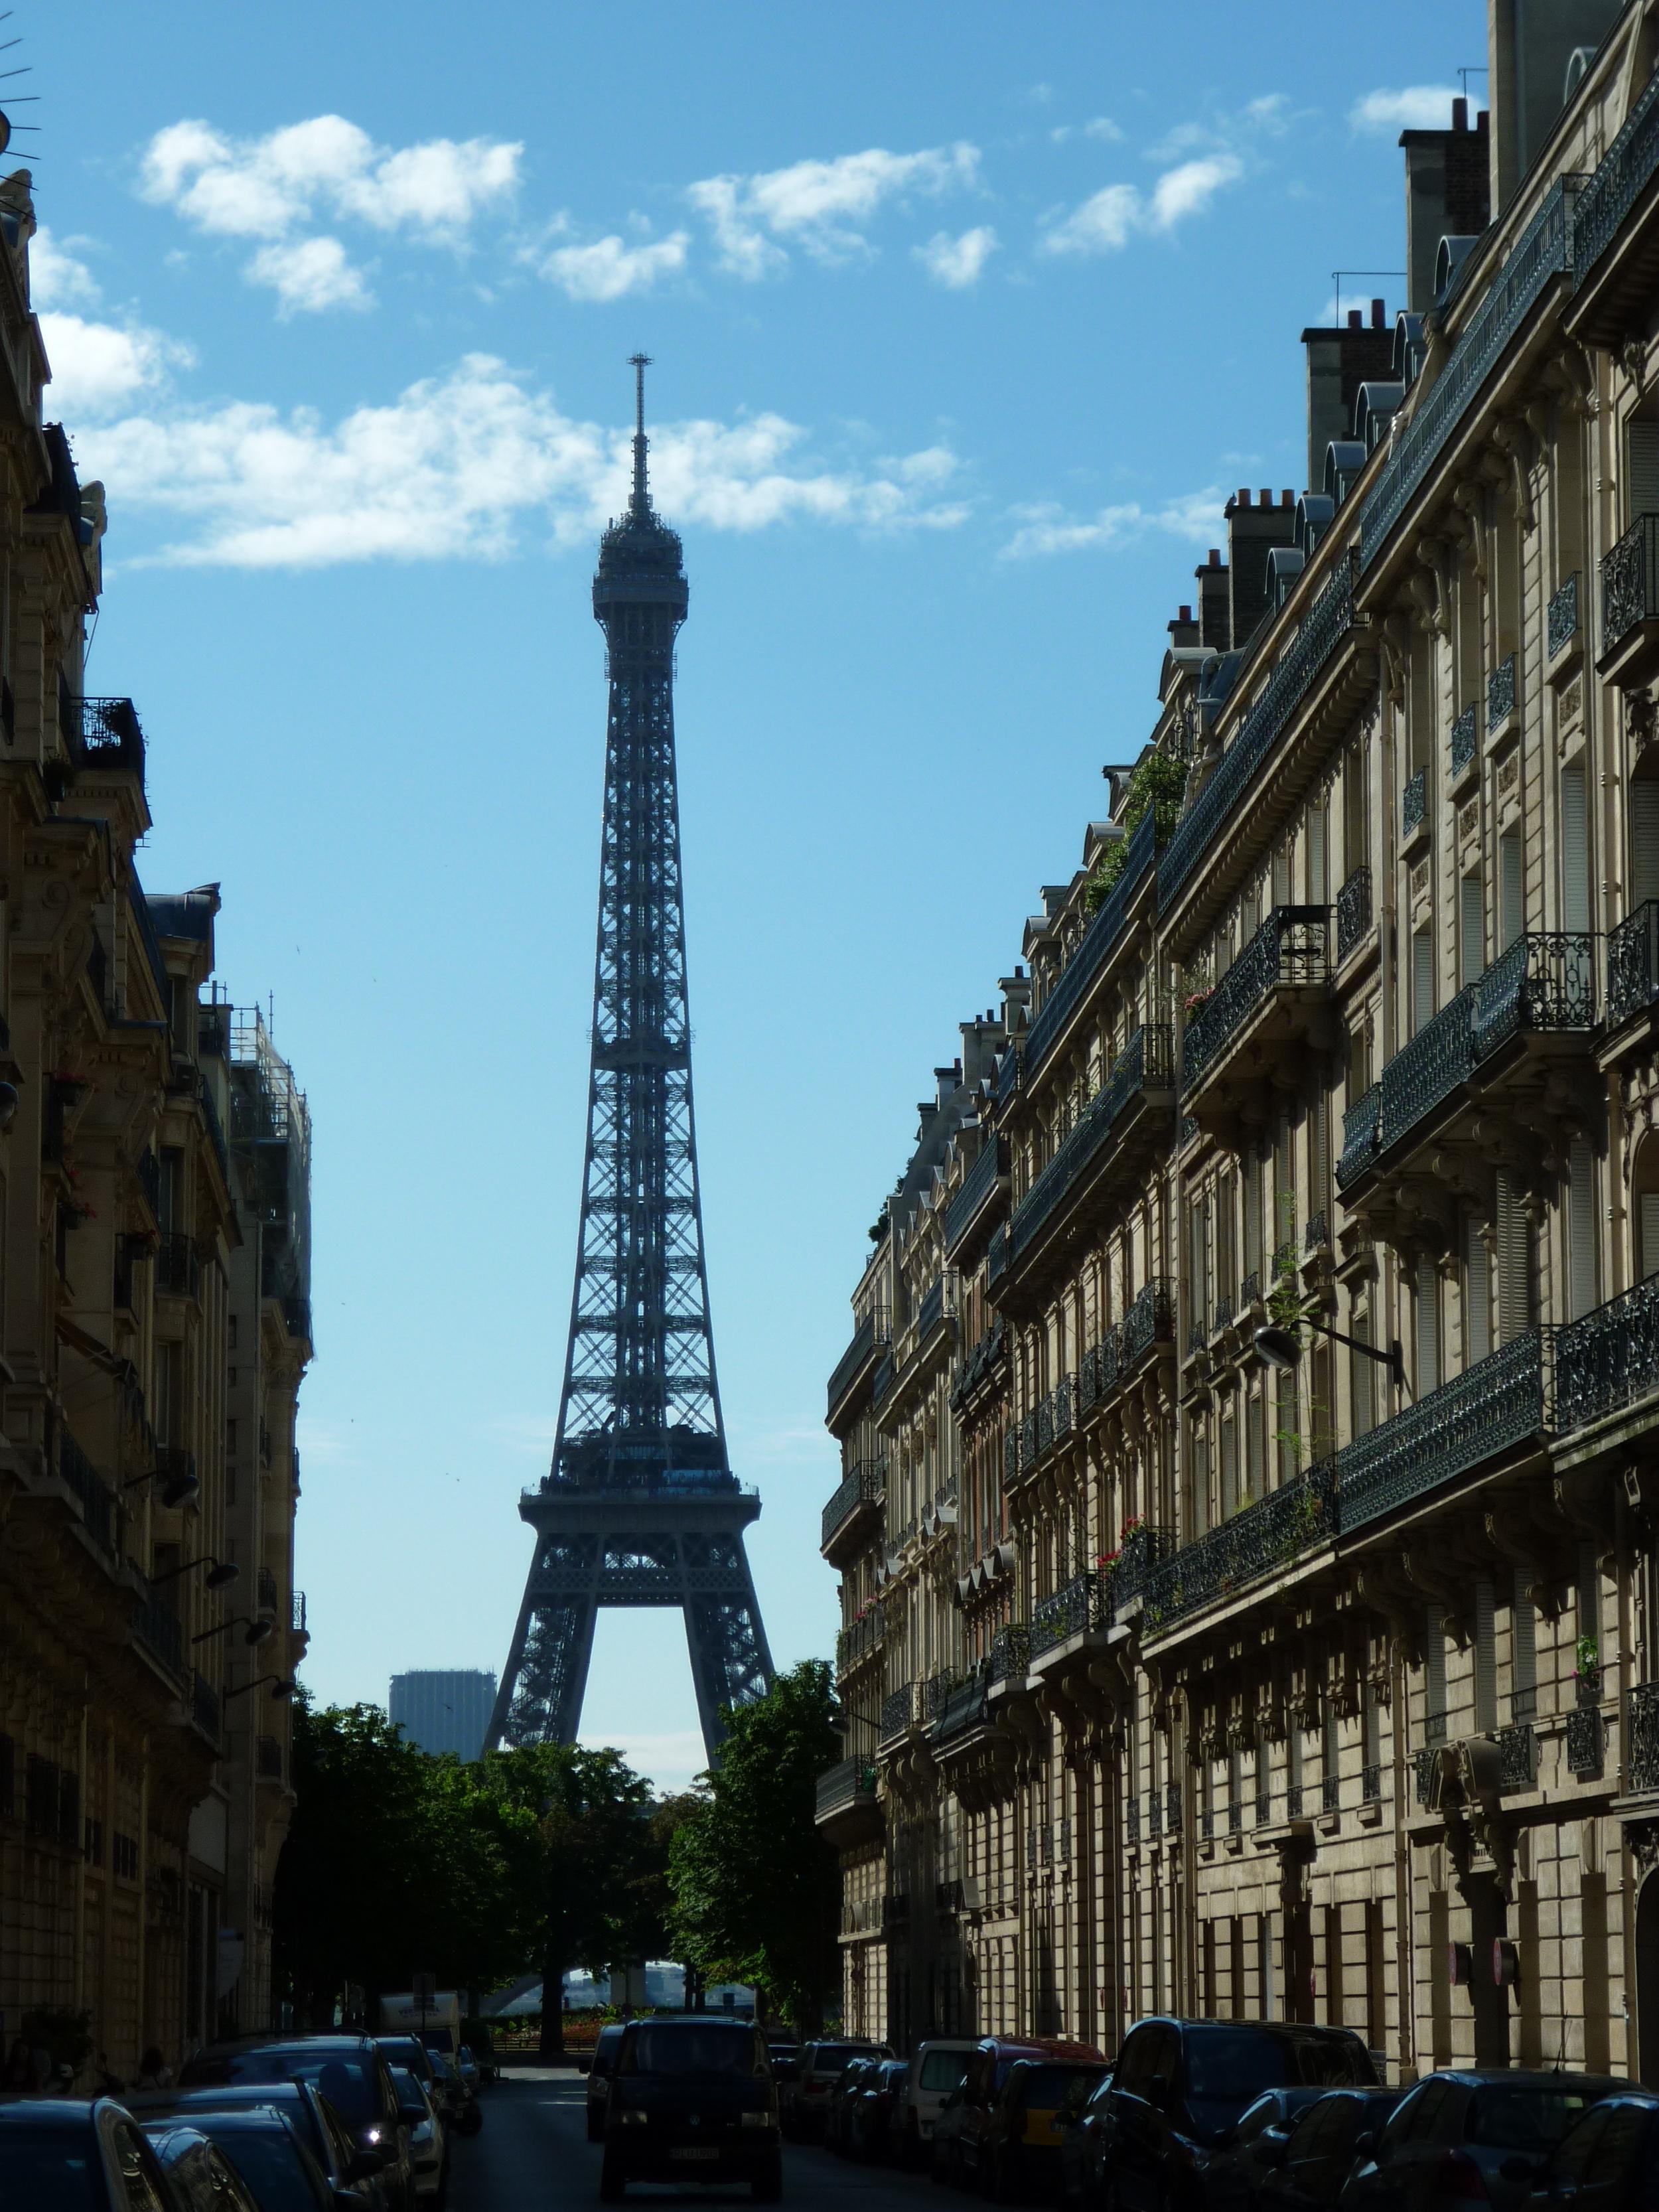 Paris (16th)